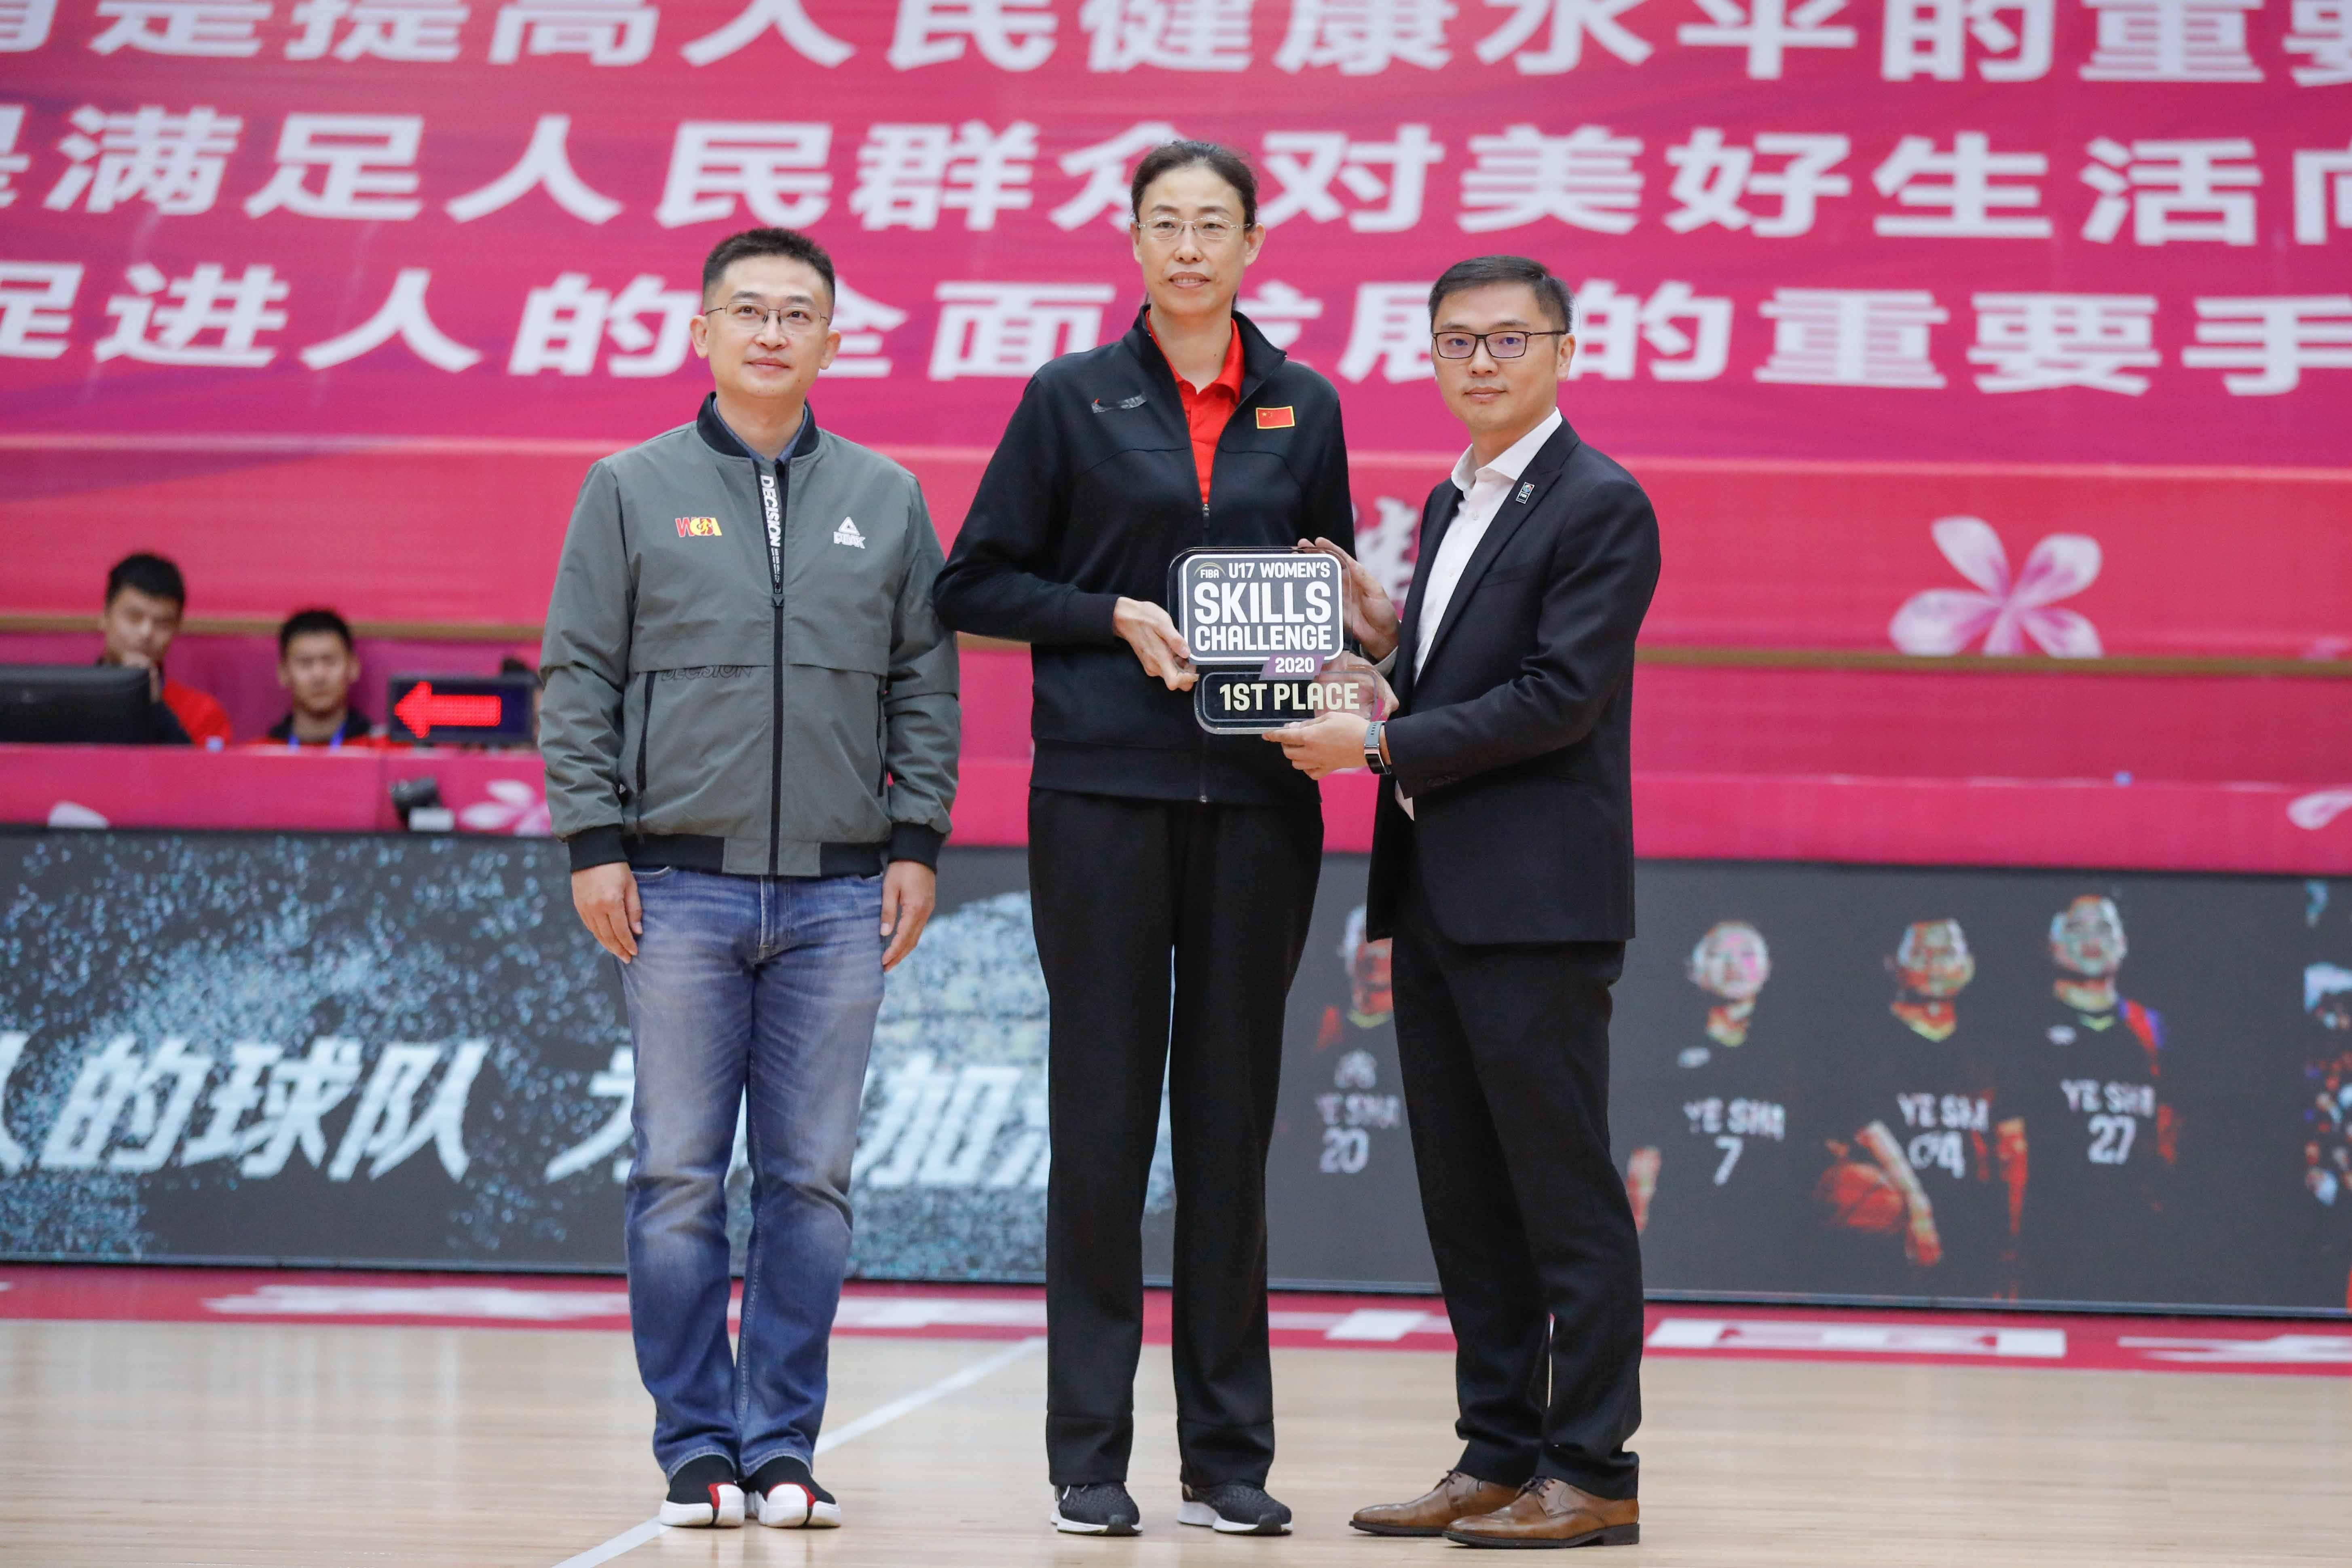 国际篮联U17女篮技巧挑战赛国青女篮夺冠 颁奖仪式成都举办